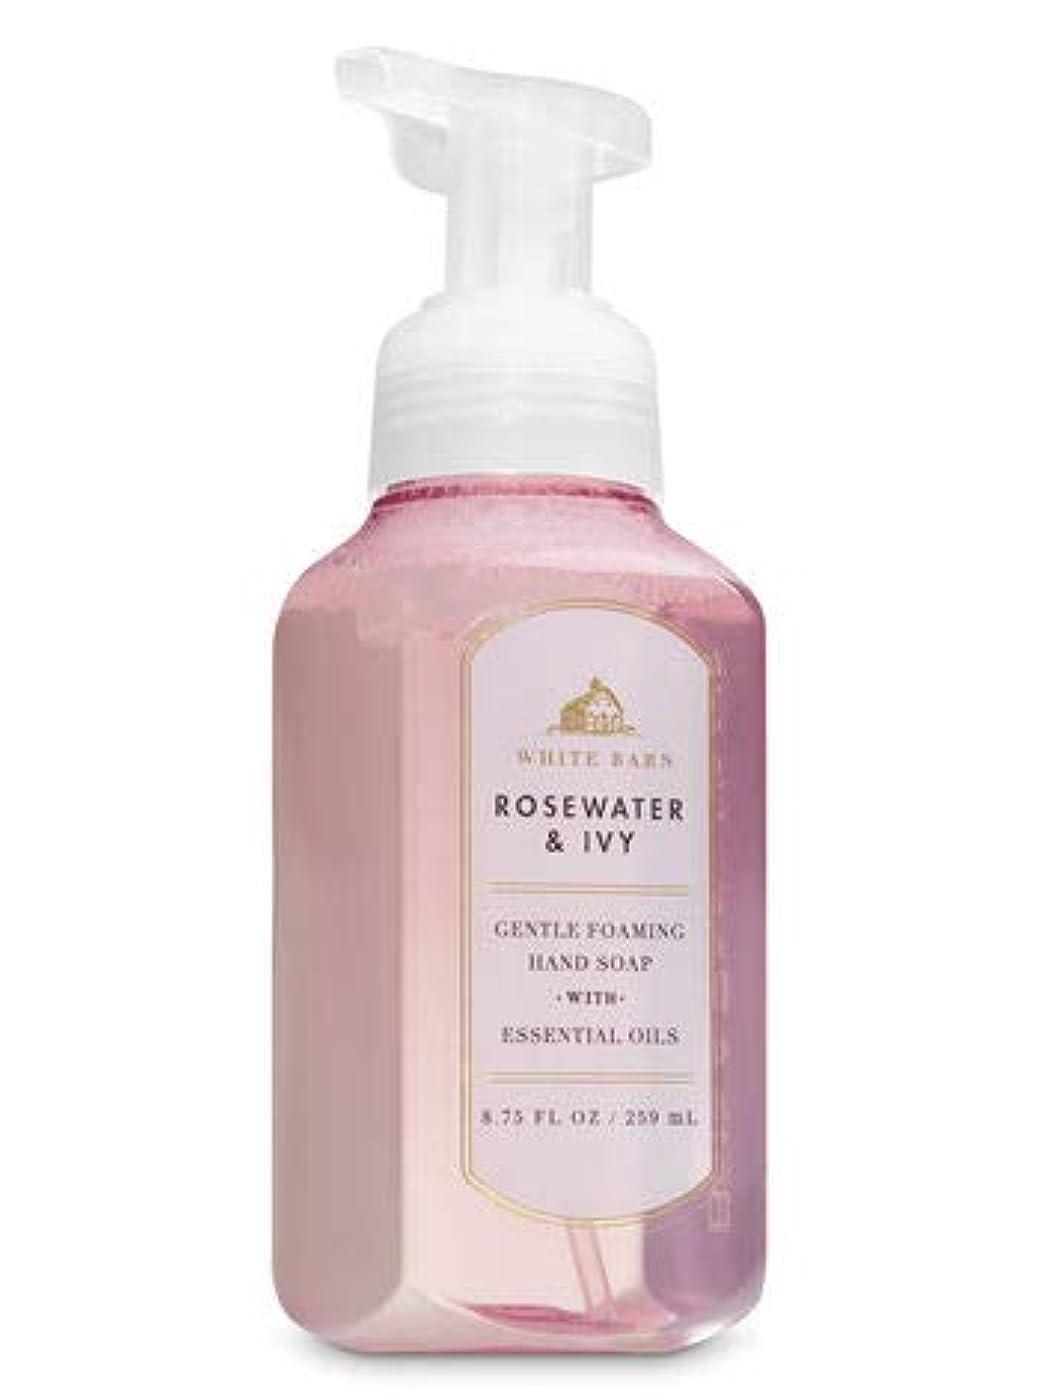 ハード濃度ひねくれたバス&ボディワークス ローズウォーター&アイビー ジェントル フォーミング ハンドソープ Rose Water & Ivy Gentle Foaming Hand Soap